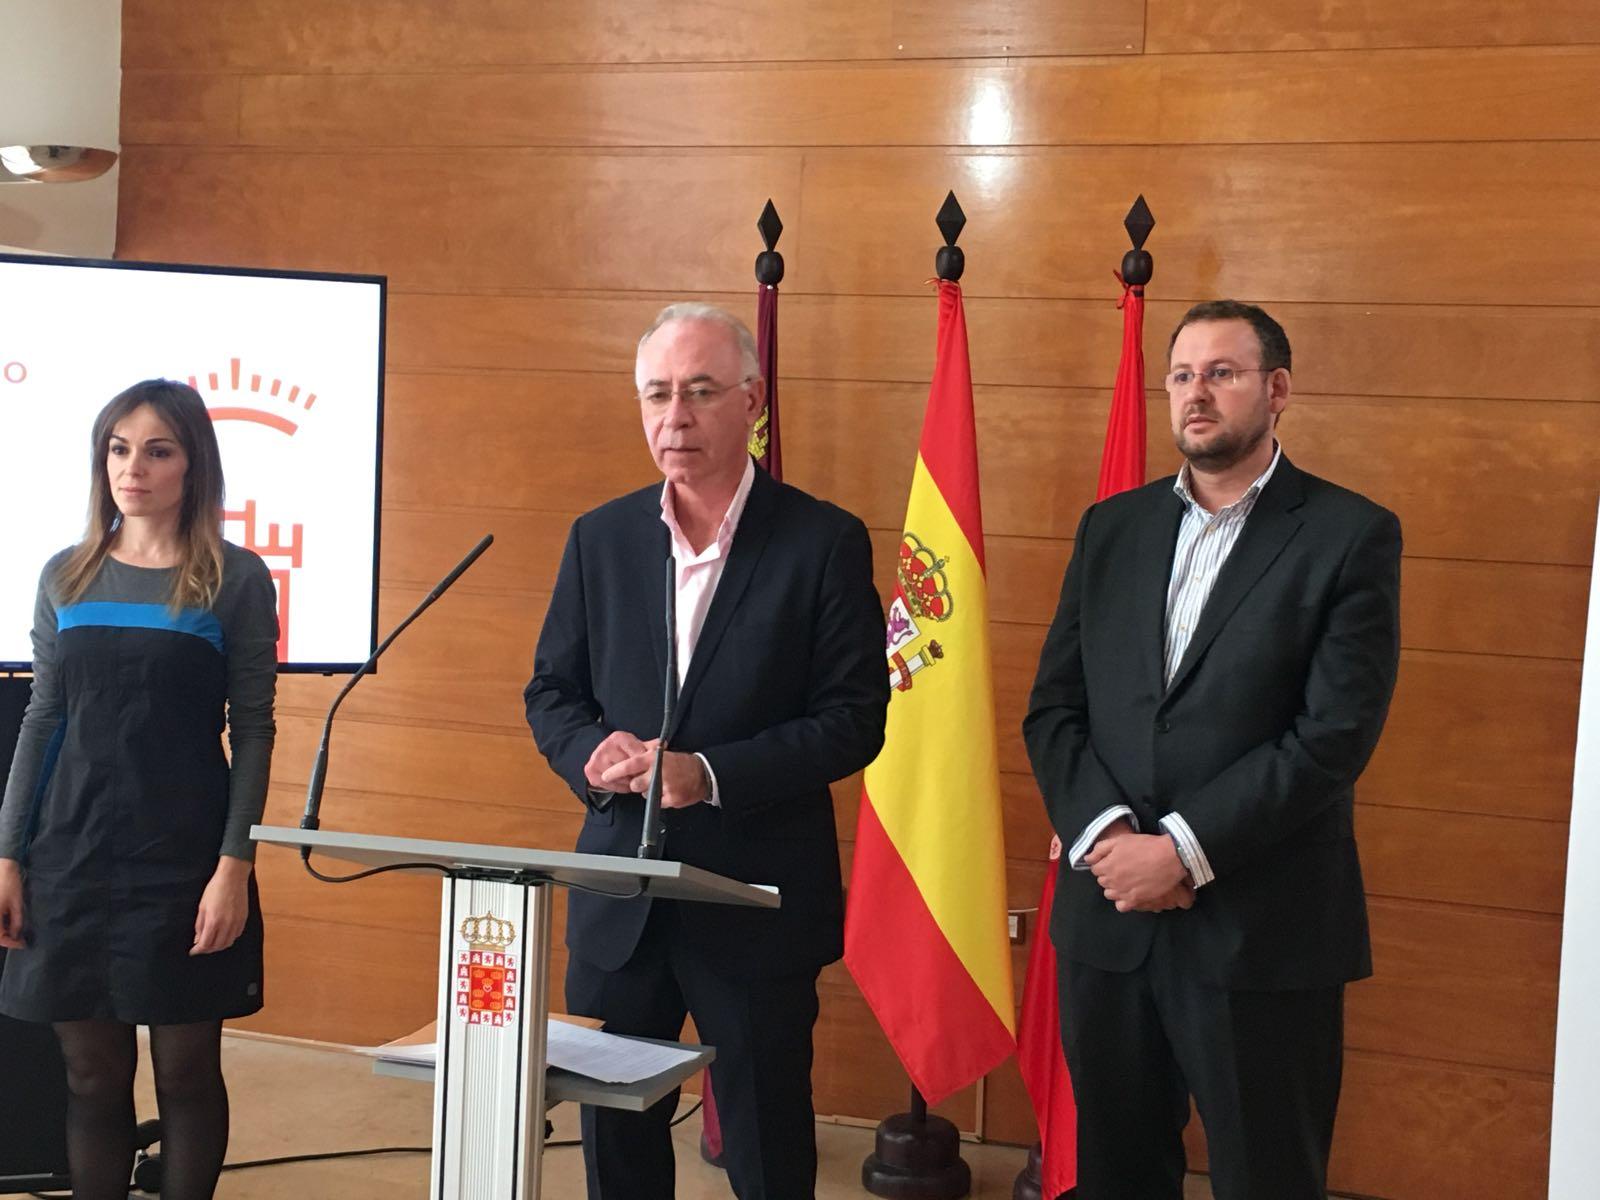 Antonio Navarro, Concejal de Urbanismo, Medio Ambiente y Huerta. Imagen: Ayuntamiento. de Murcia